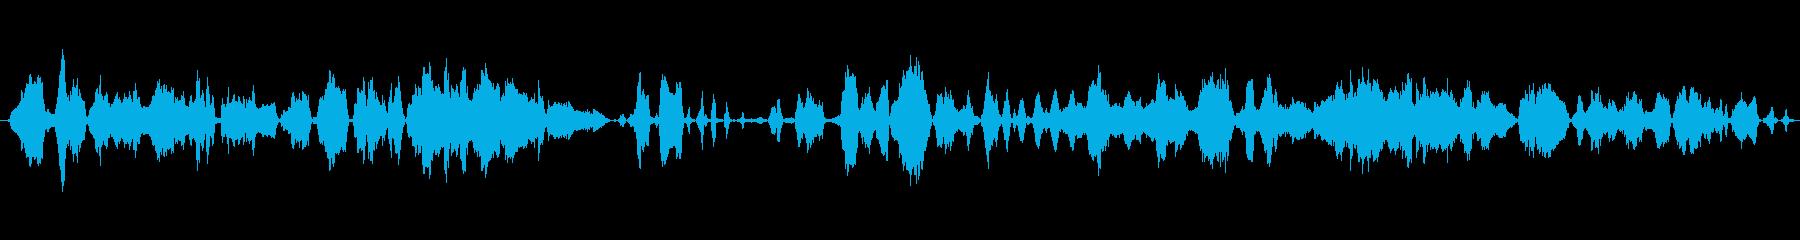 群集 群衆パニックワラ01の再生済みの波形